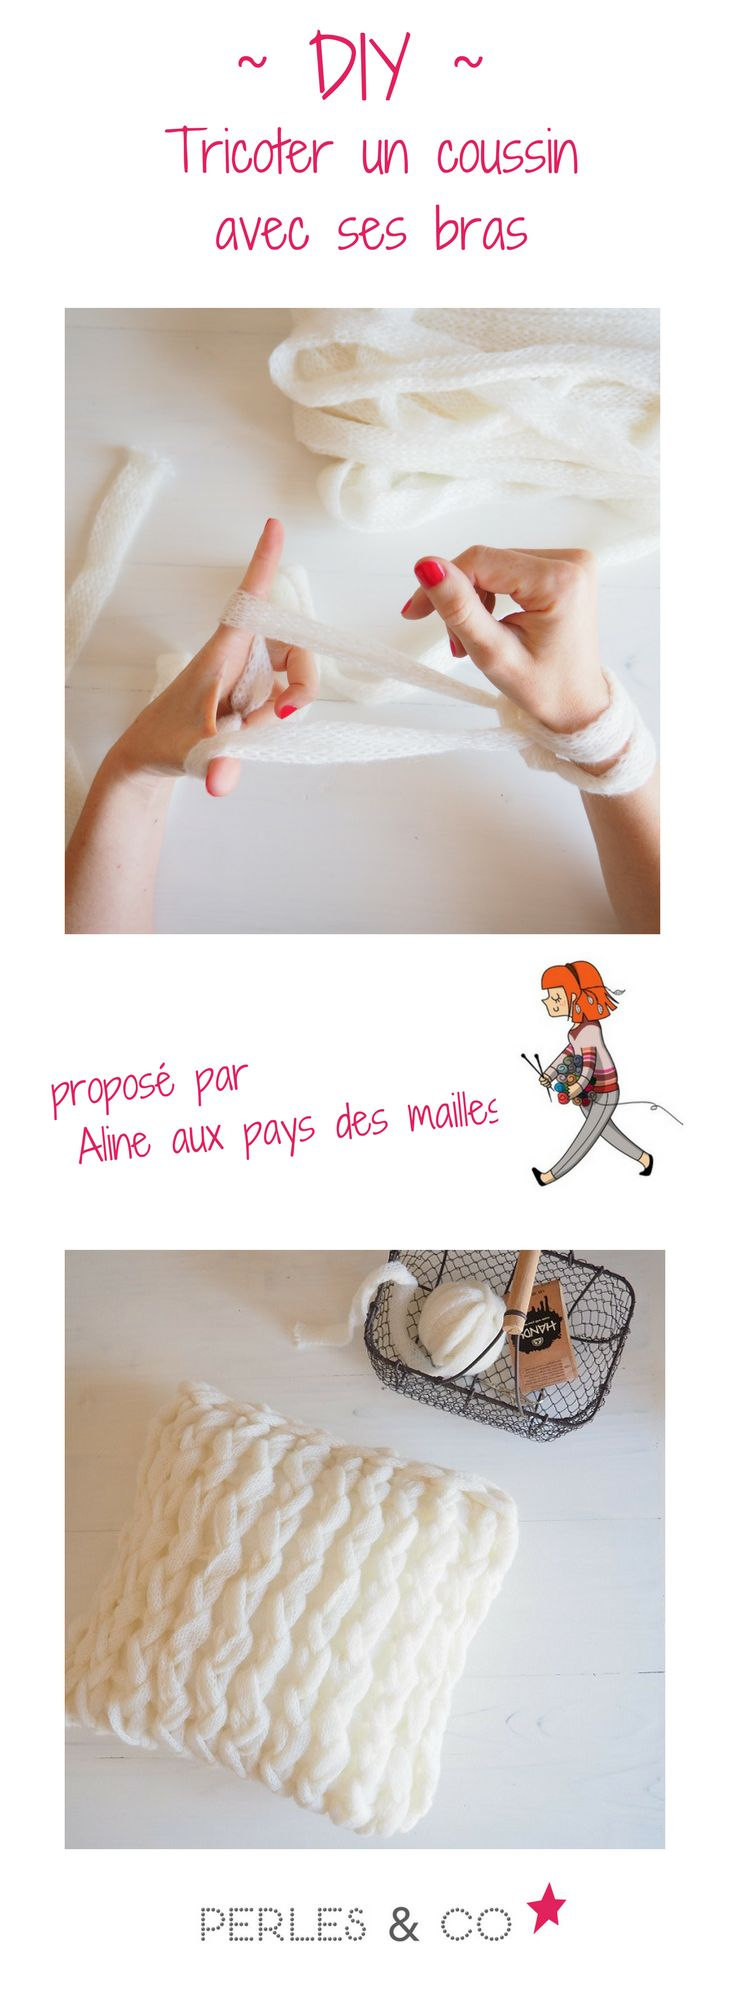 Connaissez-vous le arm knitting? Il s'agit de l'art de tricoter avec les bras ! Aline du blog Aline aux pays des mailles, nous propose un tutoriel réaliser un coussin avec la laine Handy de DMC. >> https://www.perlesandco.com/Coussin_en_laine_handy_DMC-s-2768-43.html